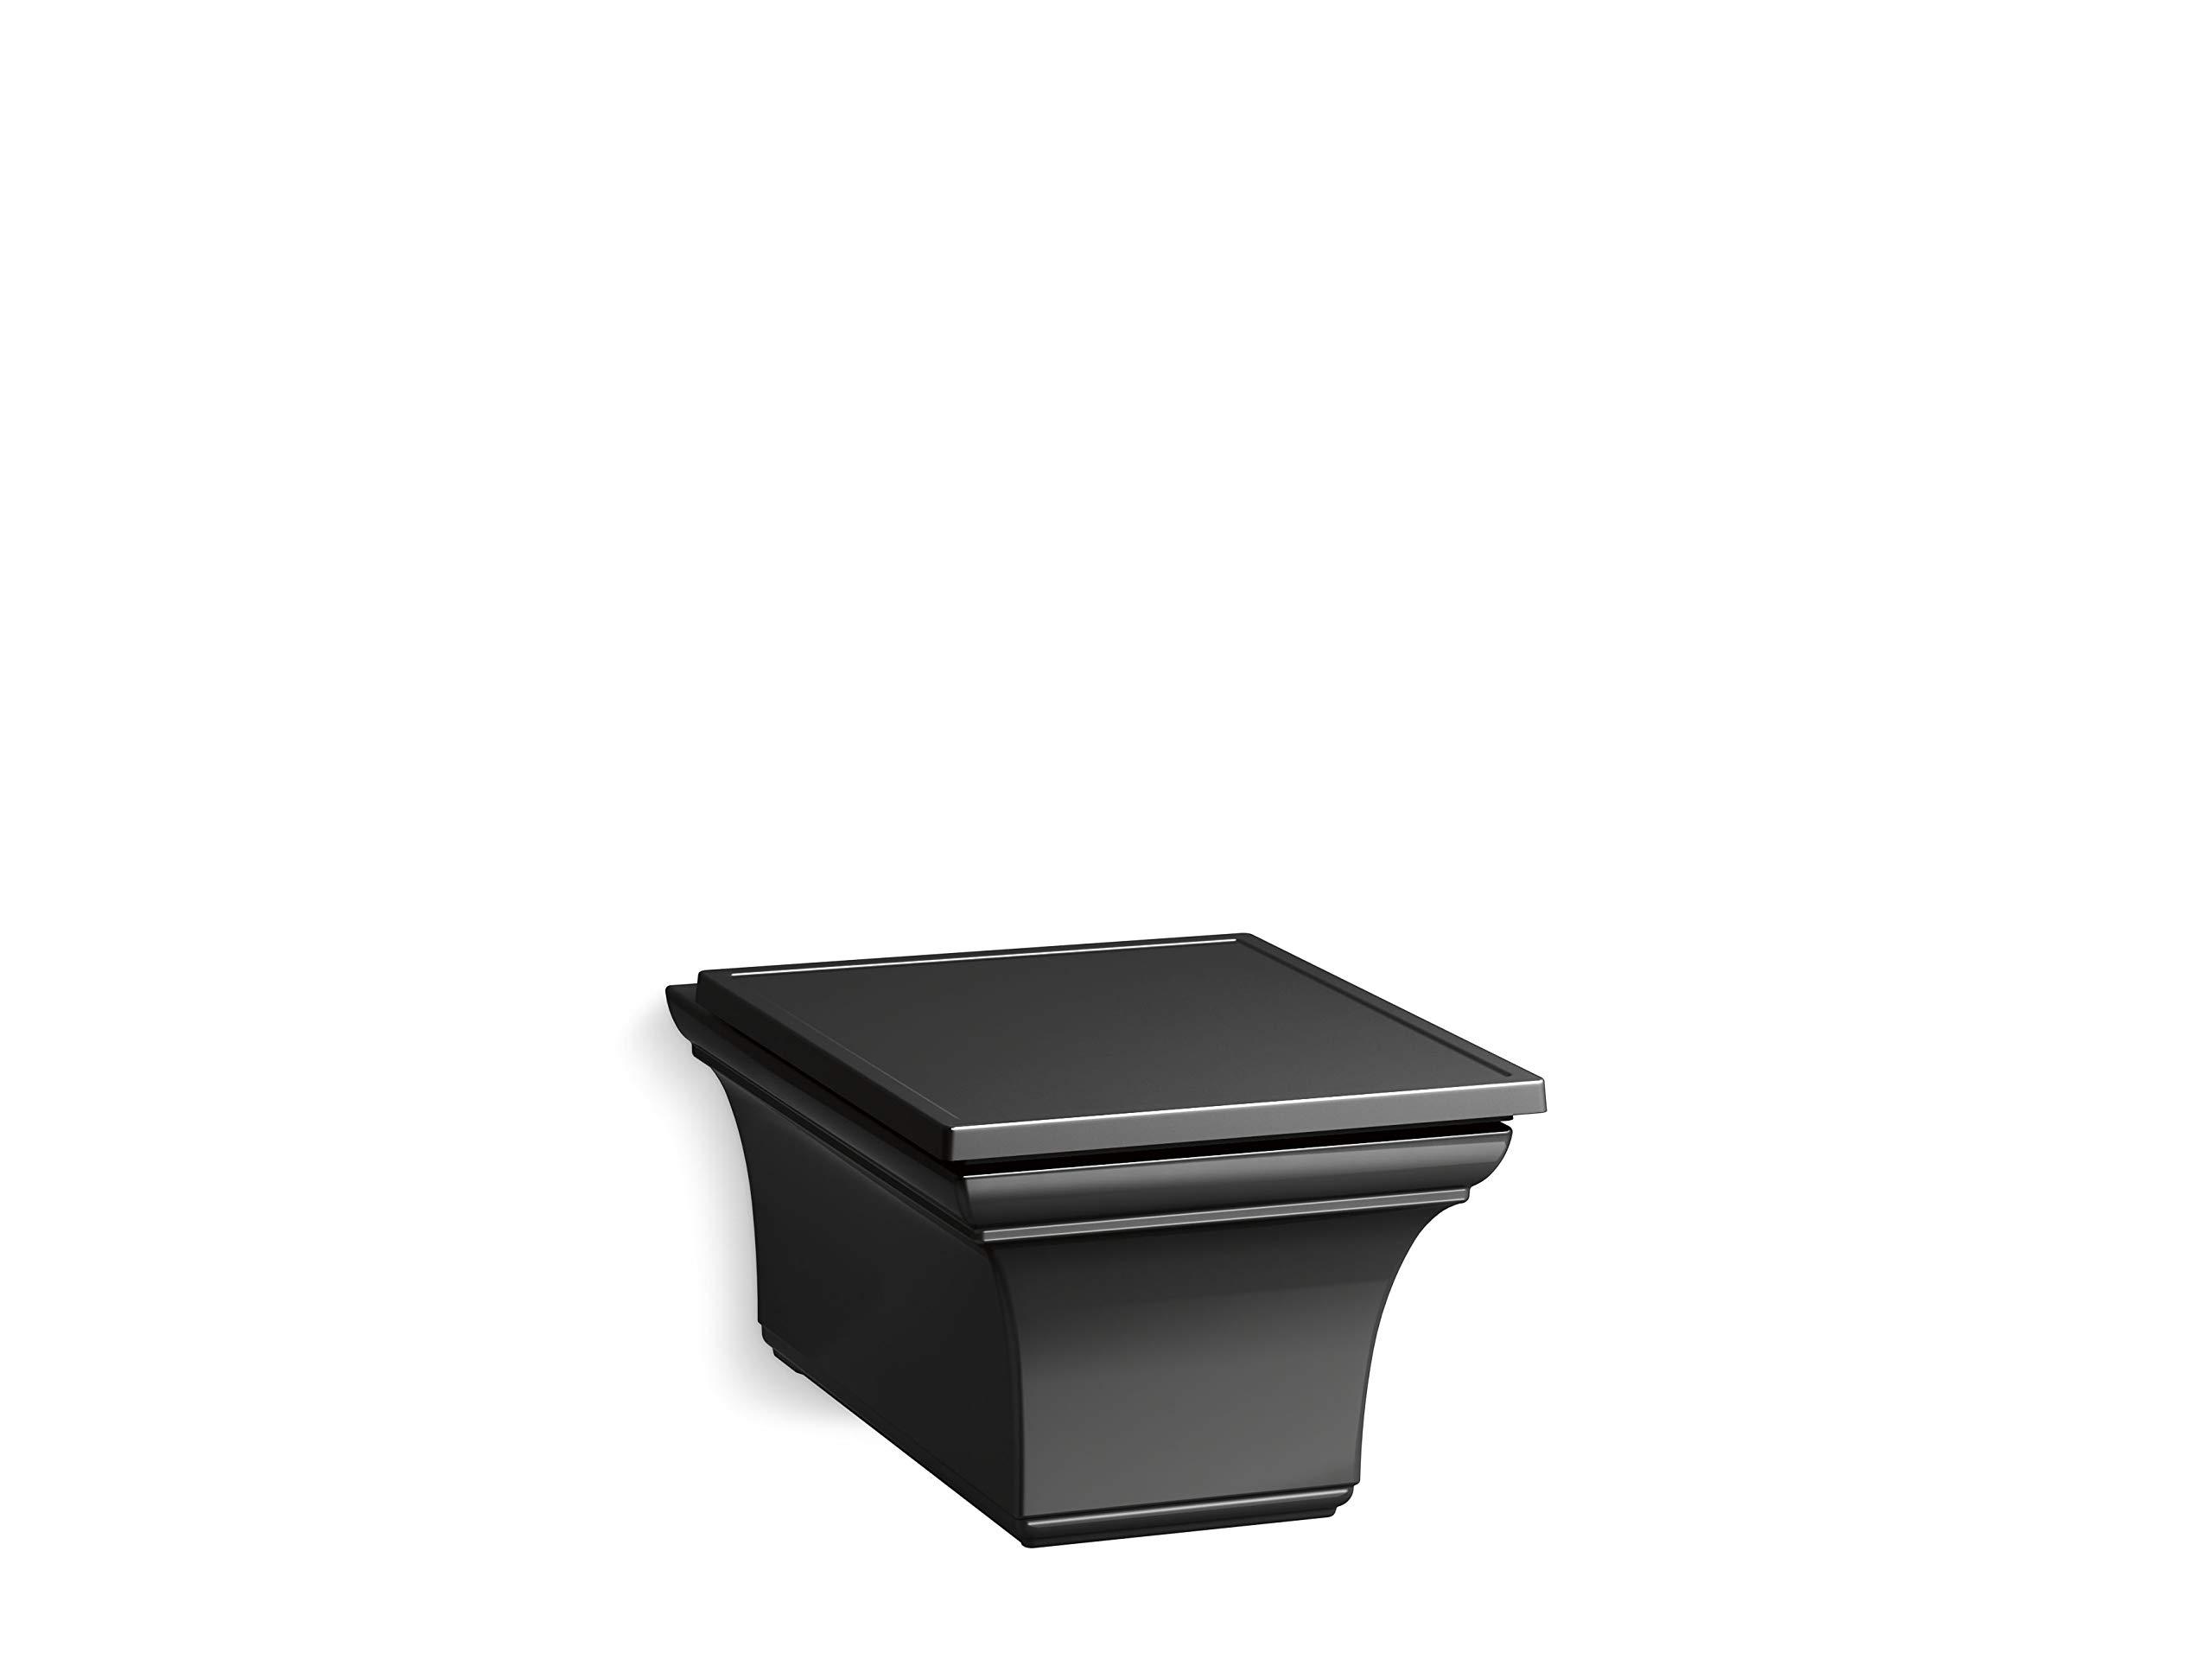 Kohler K-6918-7 Memoirs Toilet Black